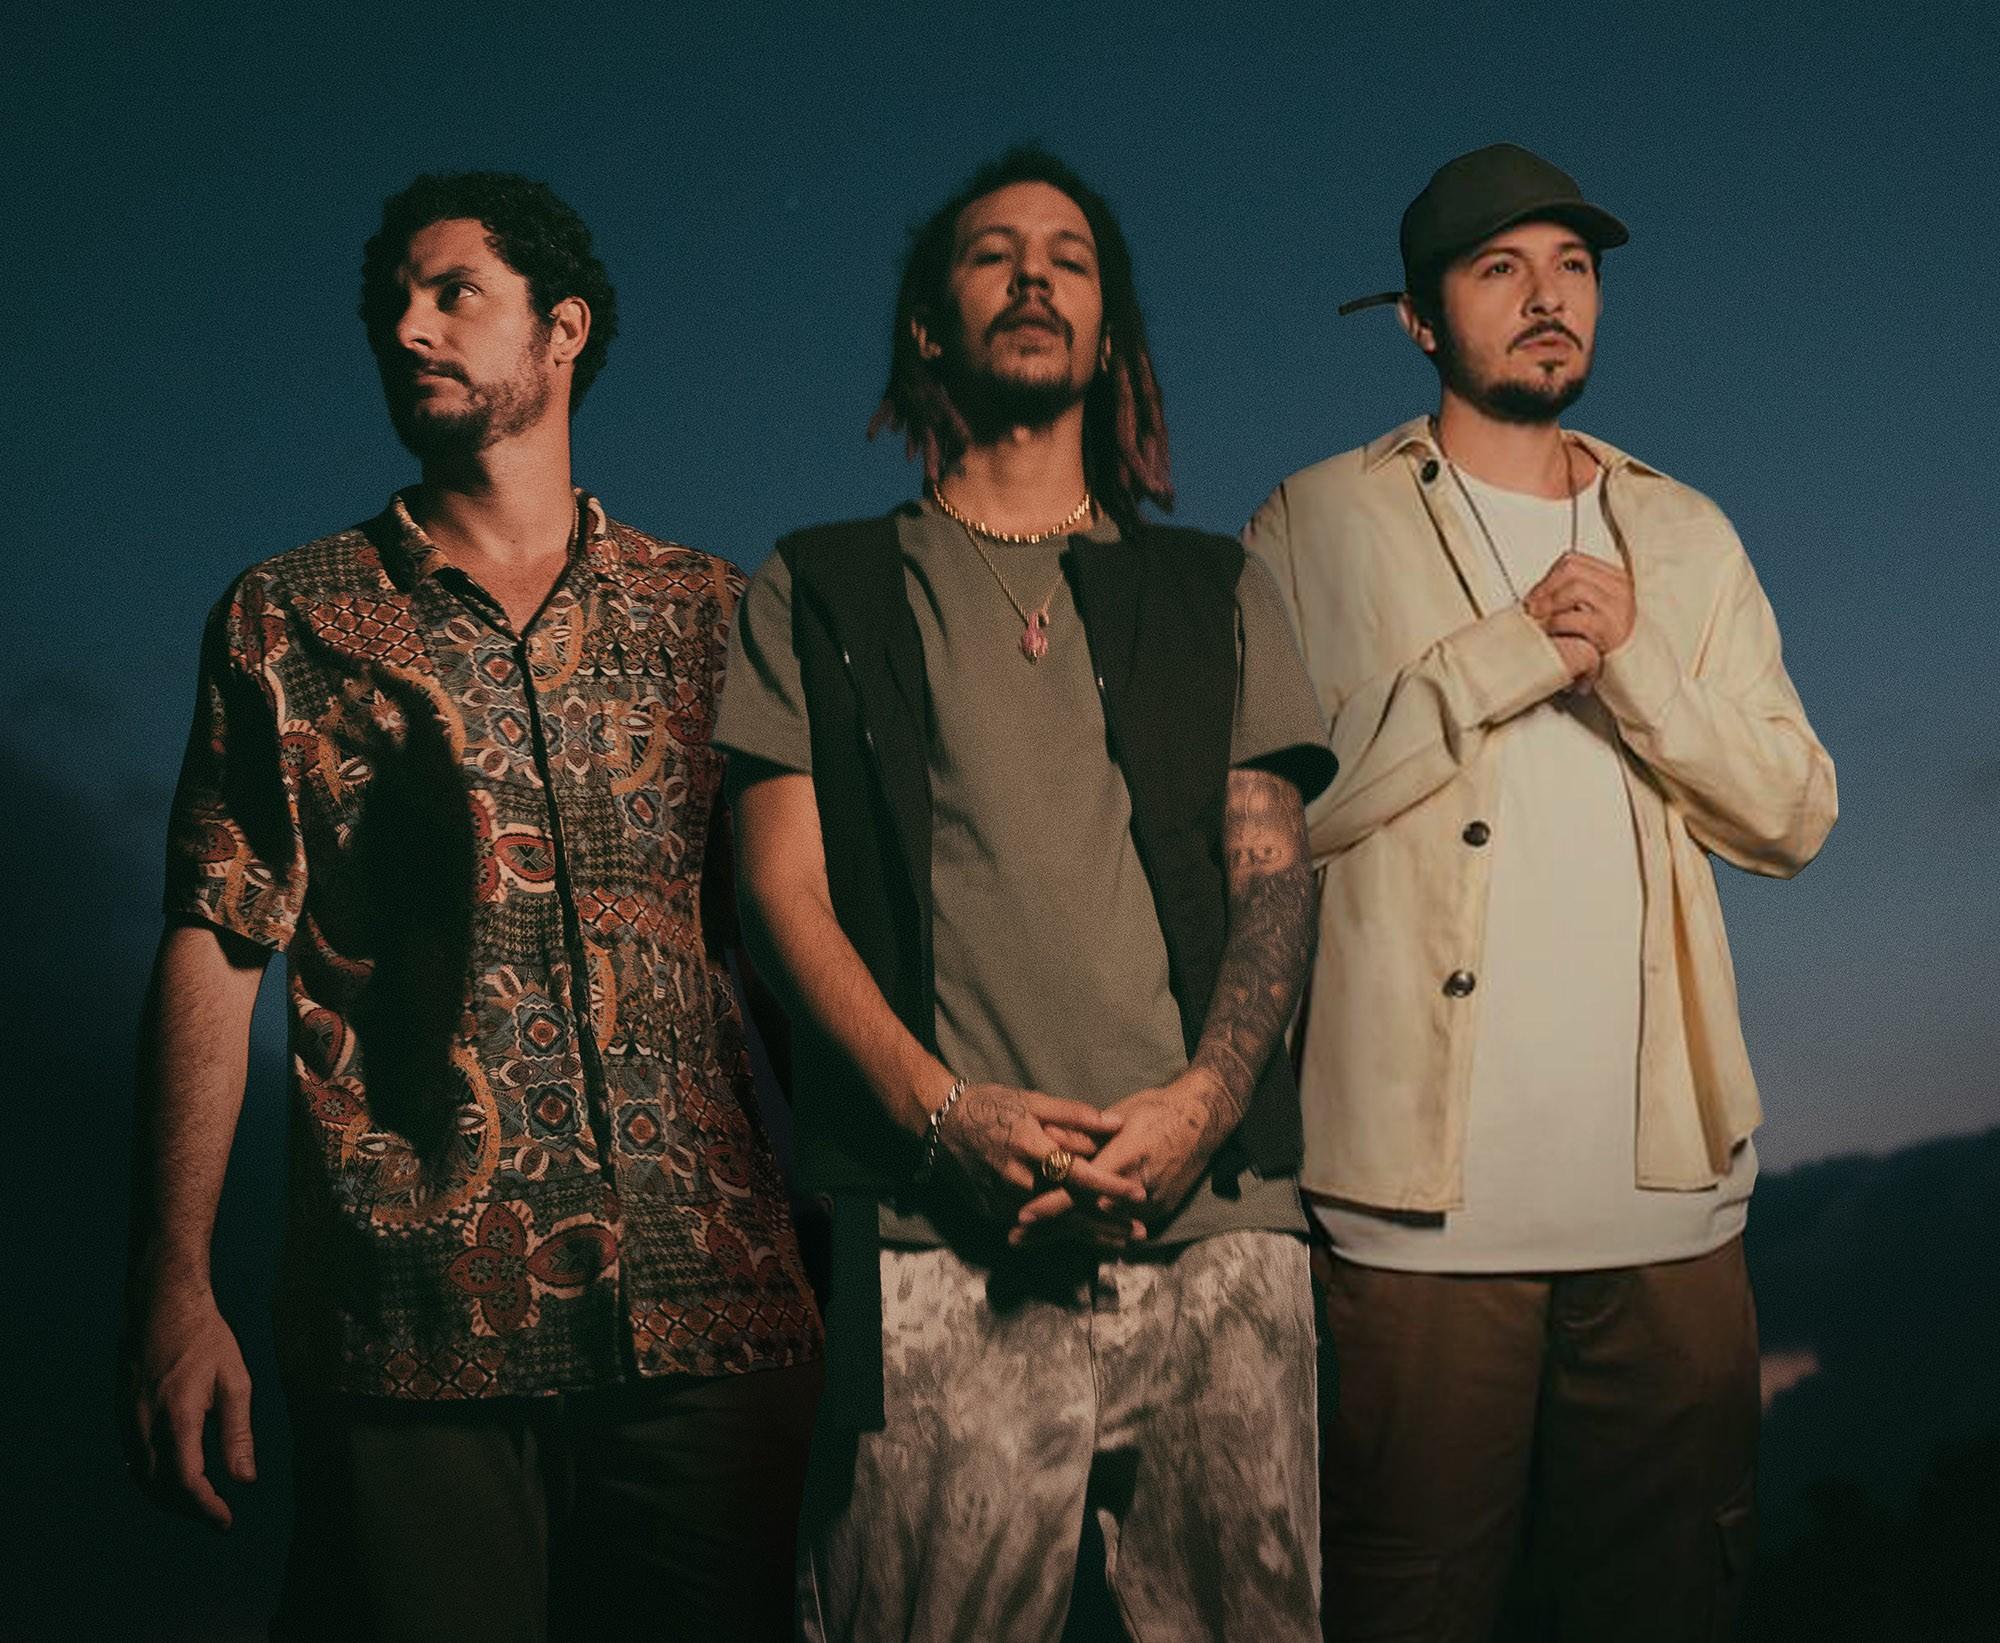 Grupo 3030 expressa saudade do futuro e fé no tom espiritualista do álbum 'Infinito interno'